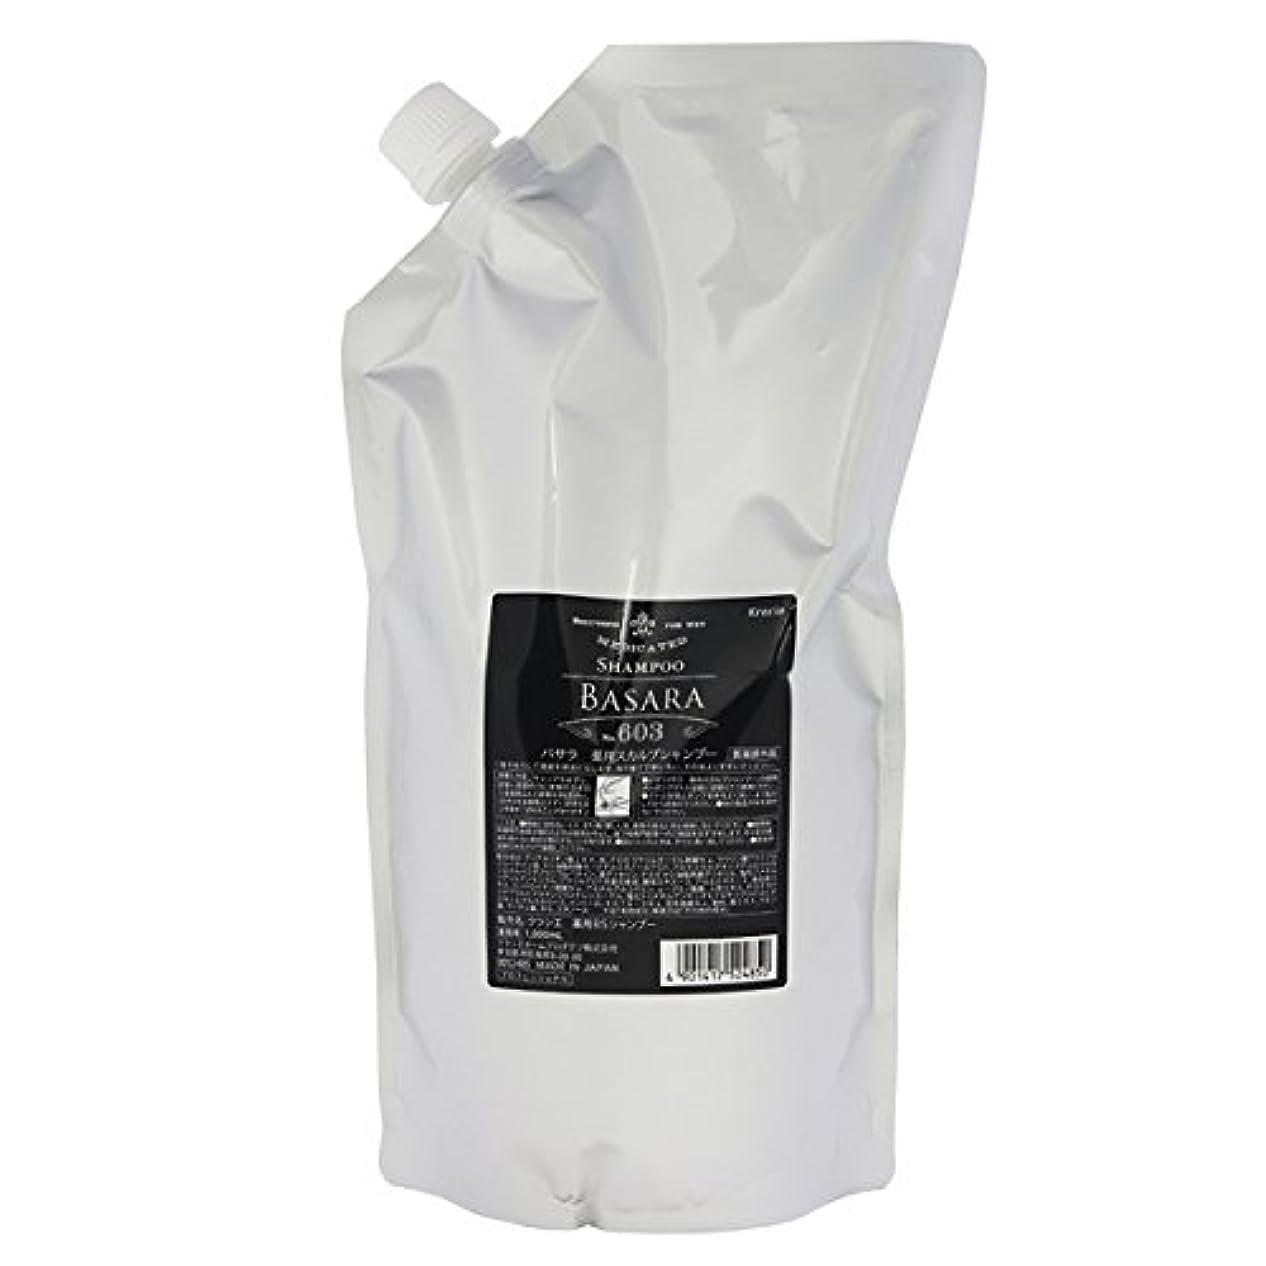 危険なインレイ説明的クラシエ バサラ 薬用スカルプ シャンプー 603 1000ml レフィル